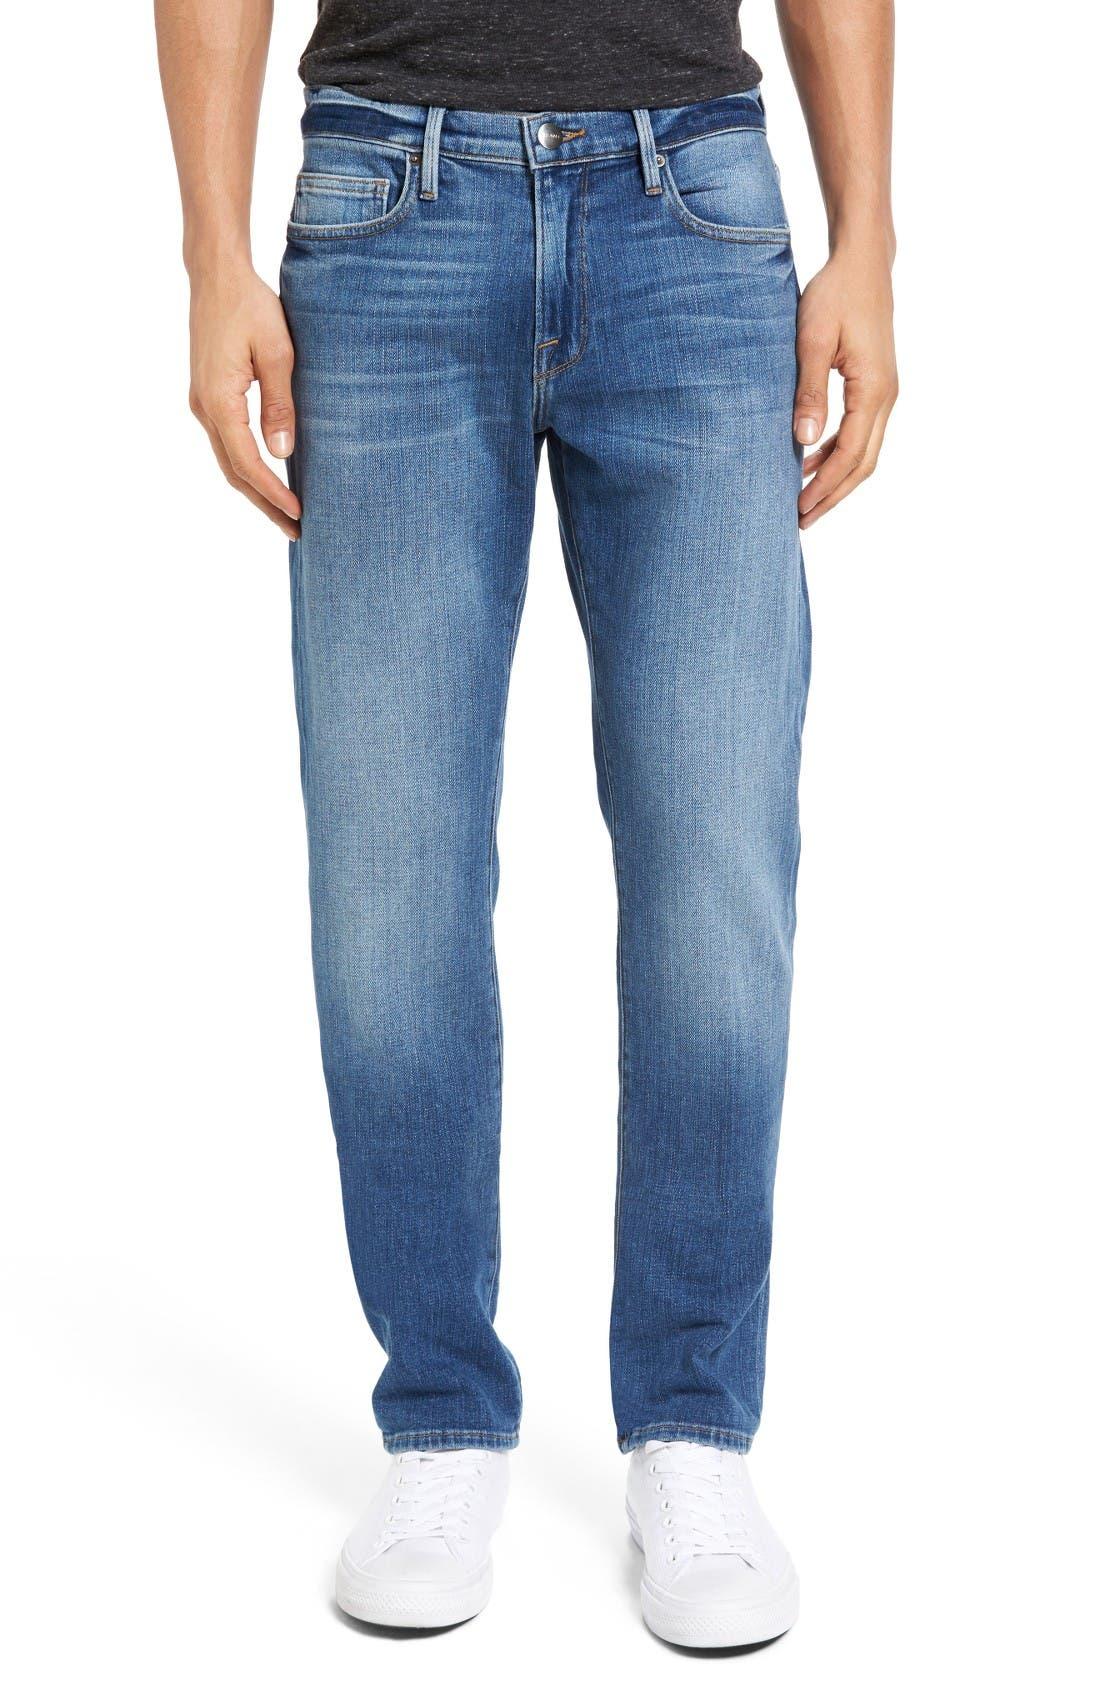 L'Homme Slim Fit Jeans,                         Main,                         color, Palo Alto